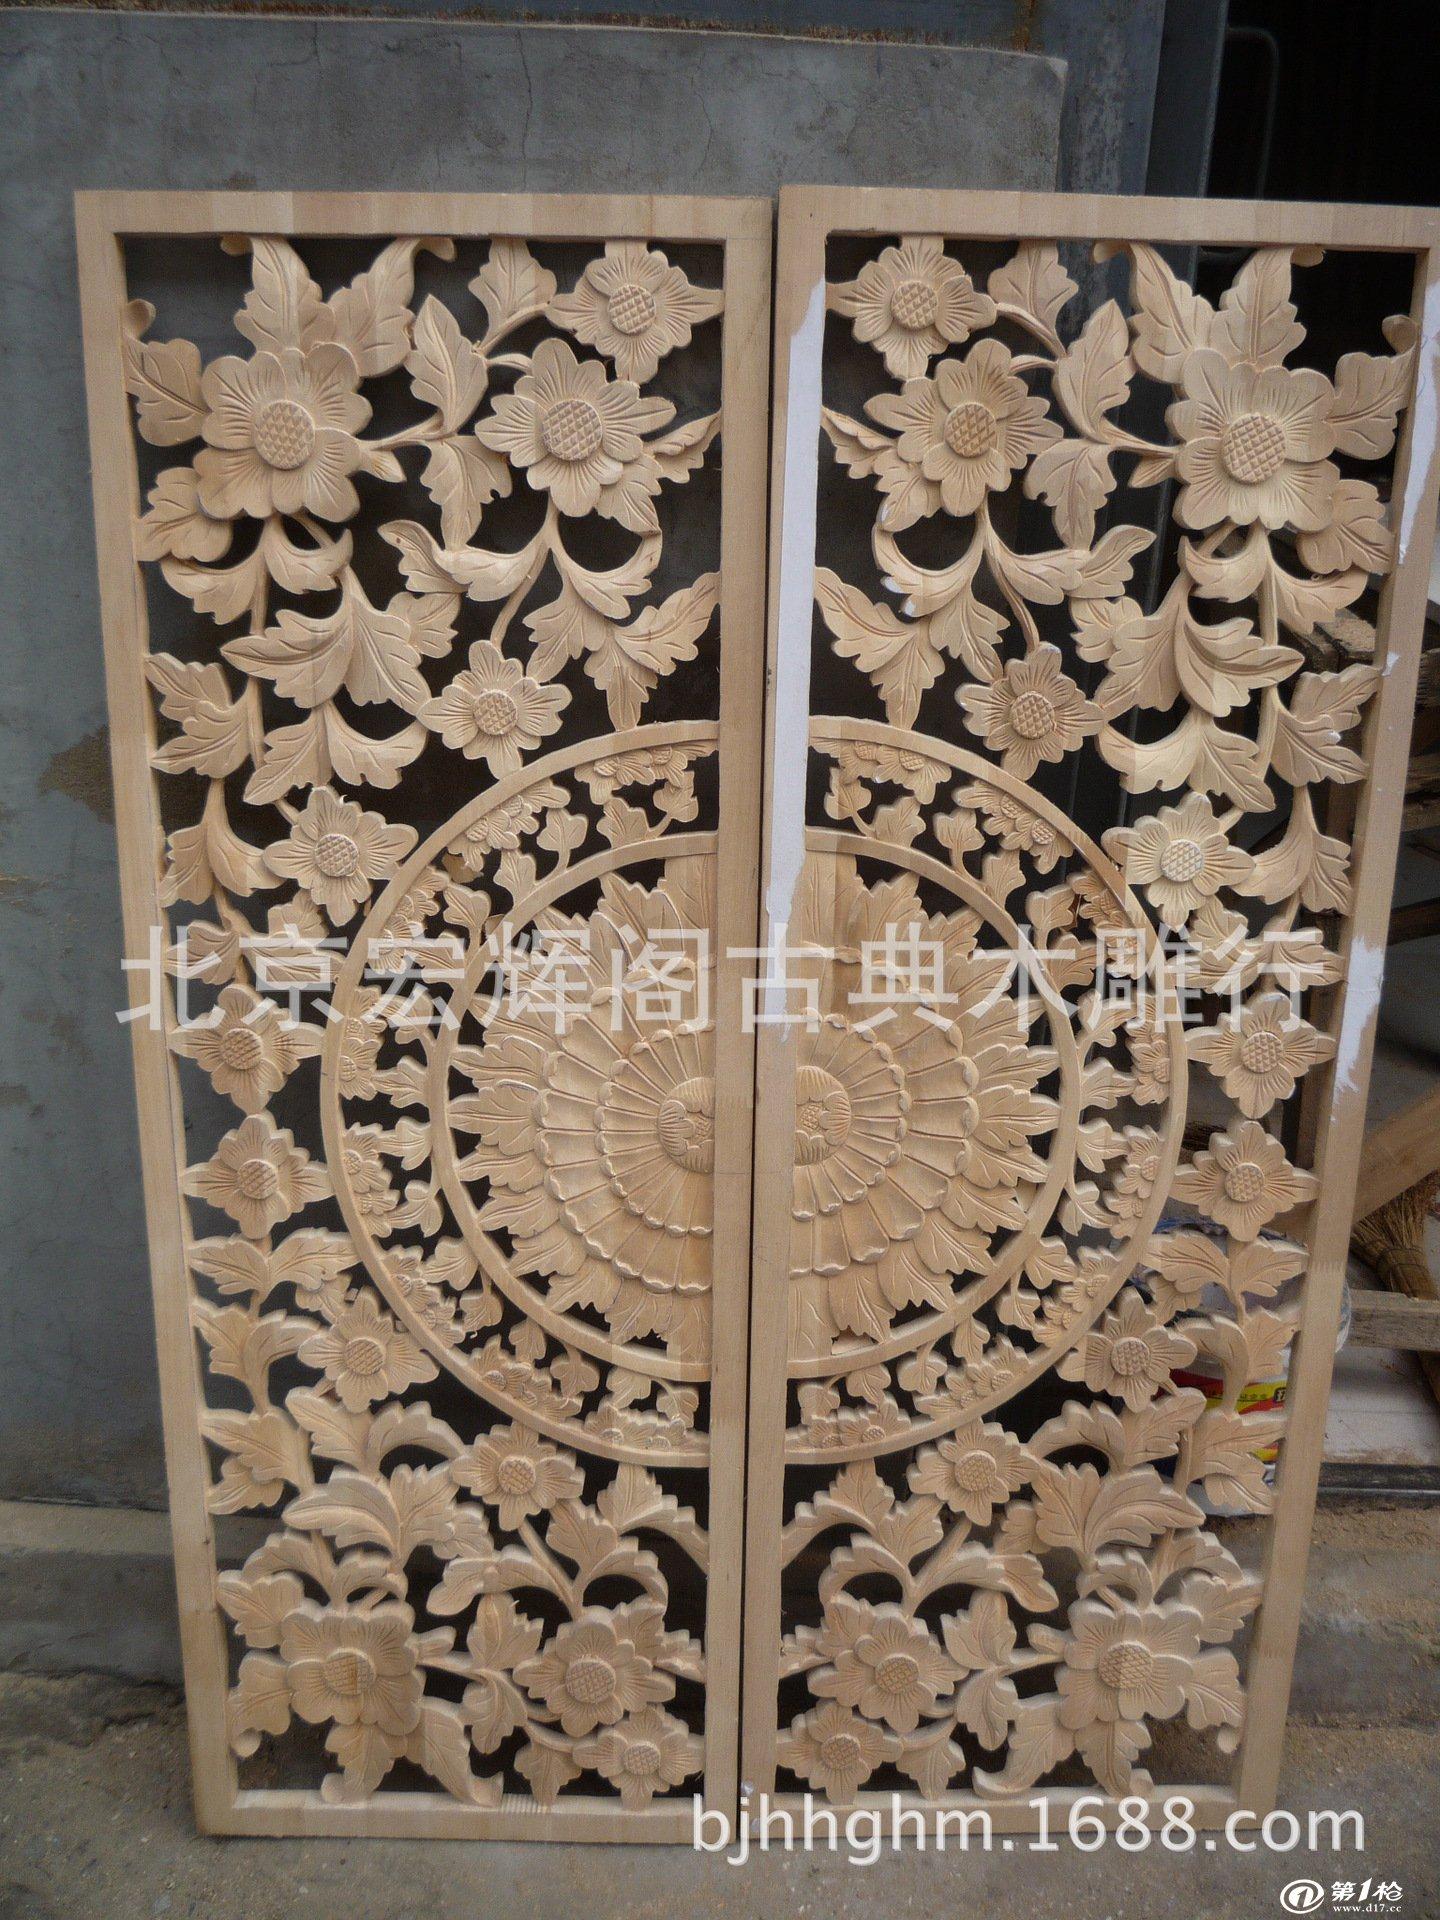 供应东阳雕刻 工艺品 实木雕刻 手工雕刻 中式雕刻装饰挂件